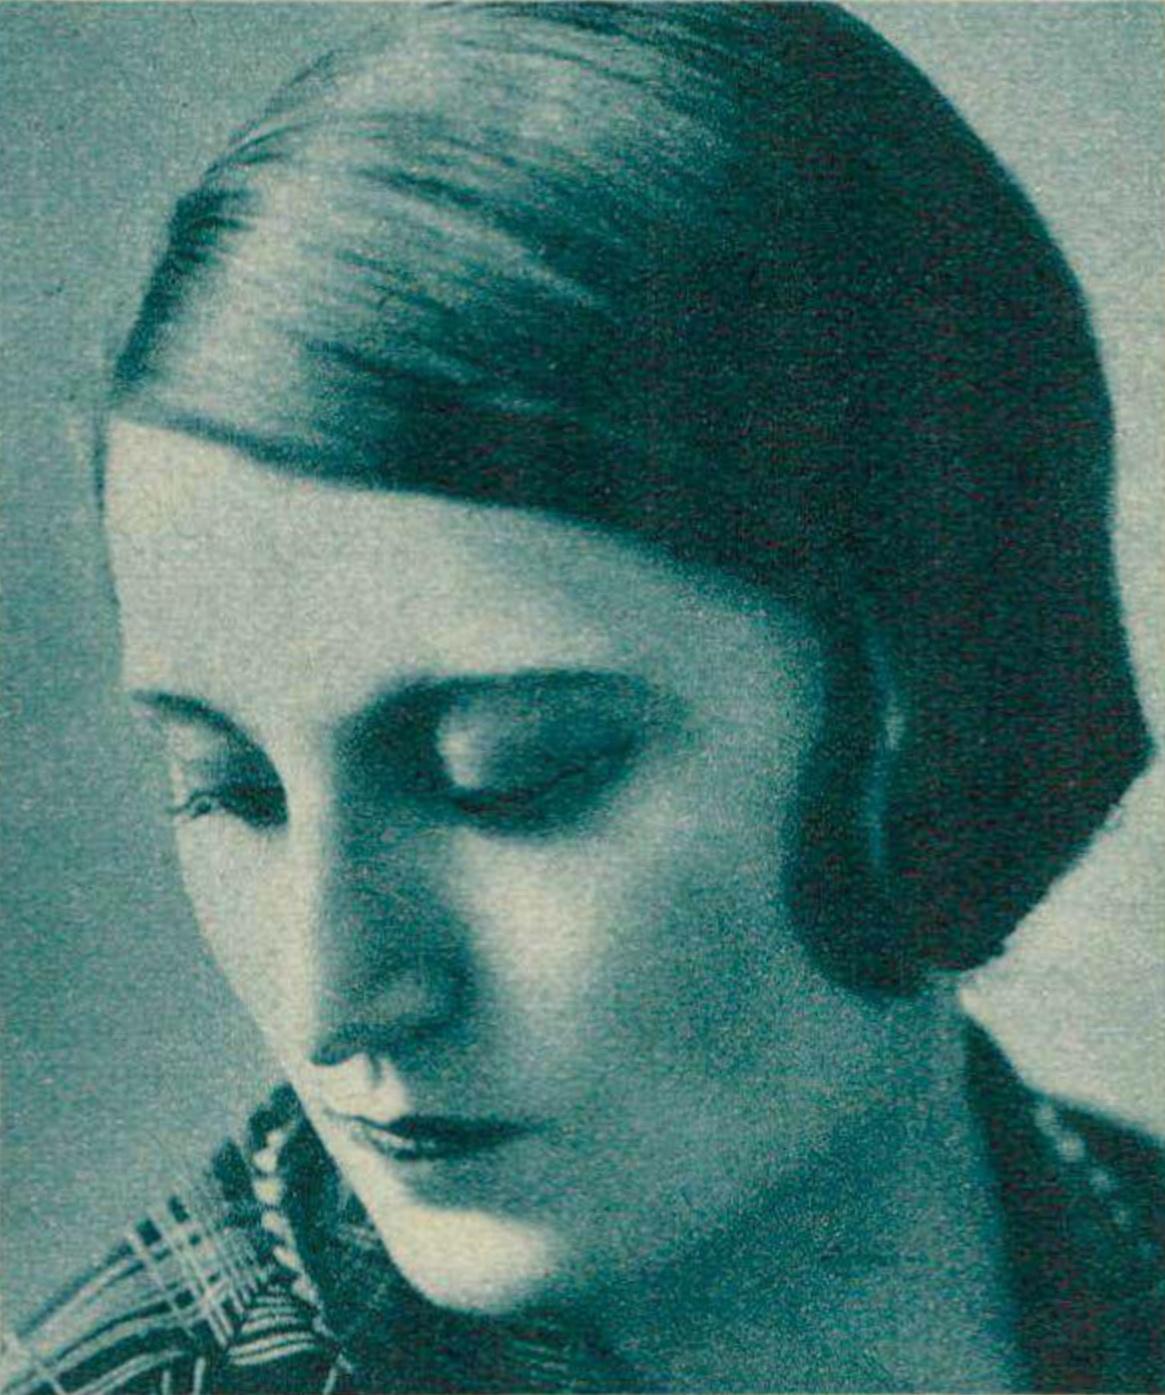 Jacqueline BLANCARD vers 1937, un portrait fait par Photo Jullien, publié entre autres dans la revue Le Radio du 5 novembre 1937 en page 1838